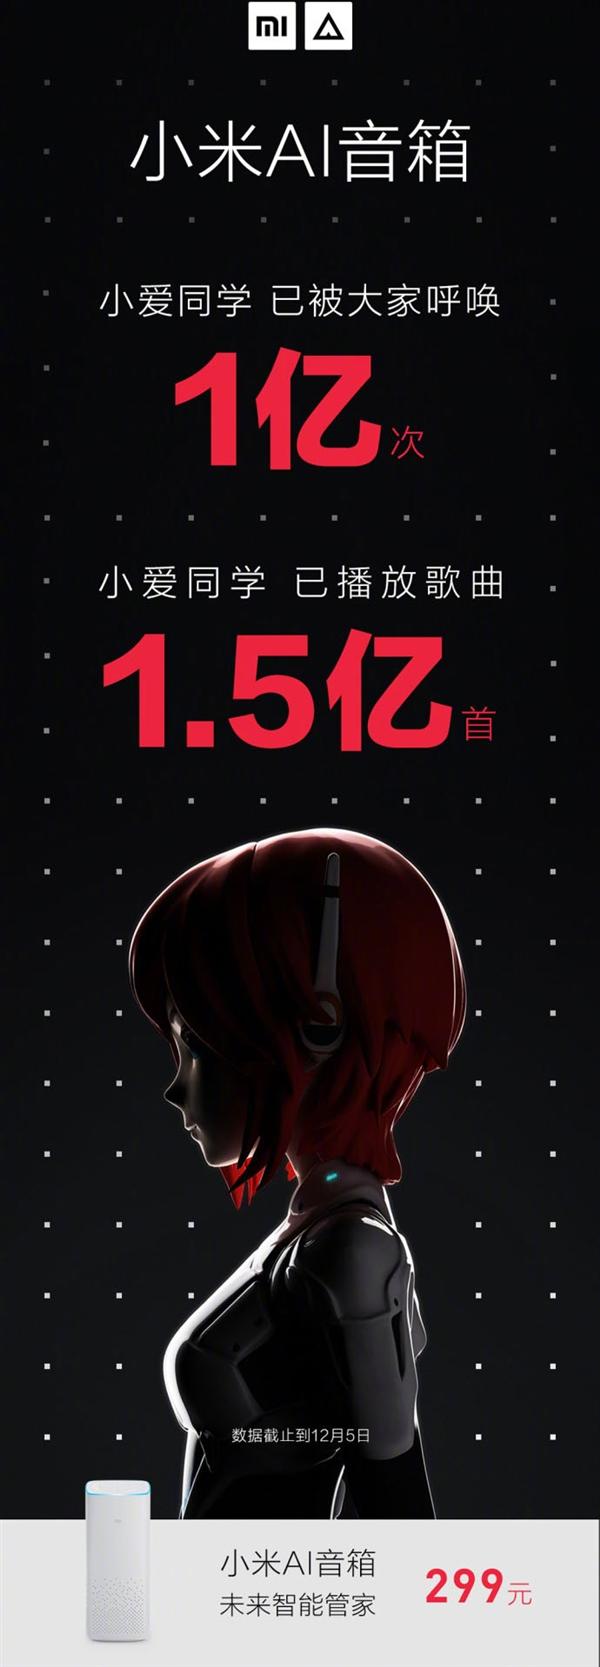 小米AI音箱破纪录:已被呼唤超过1亿次